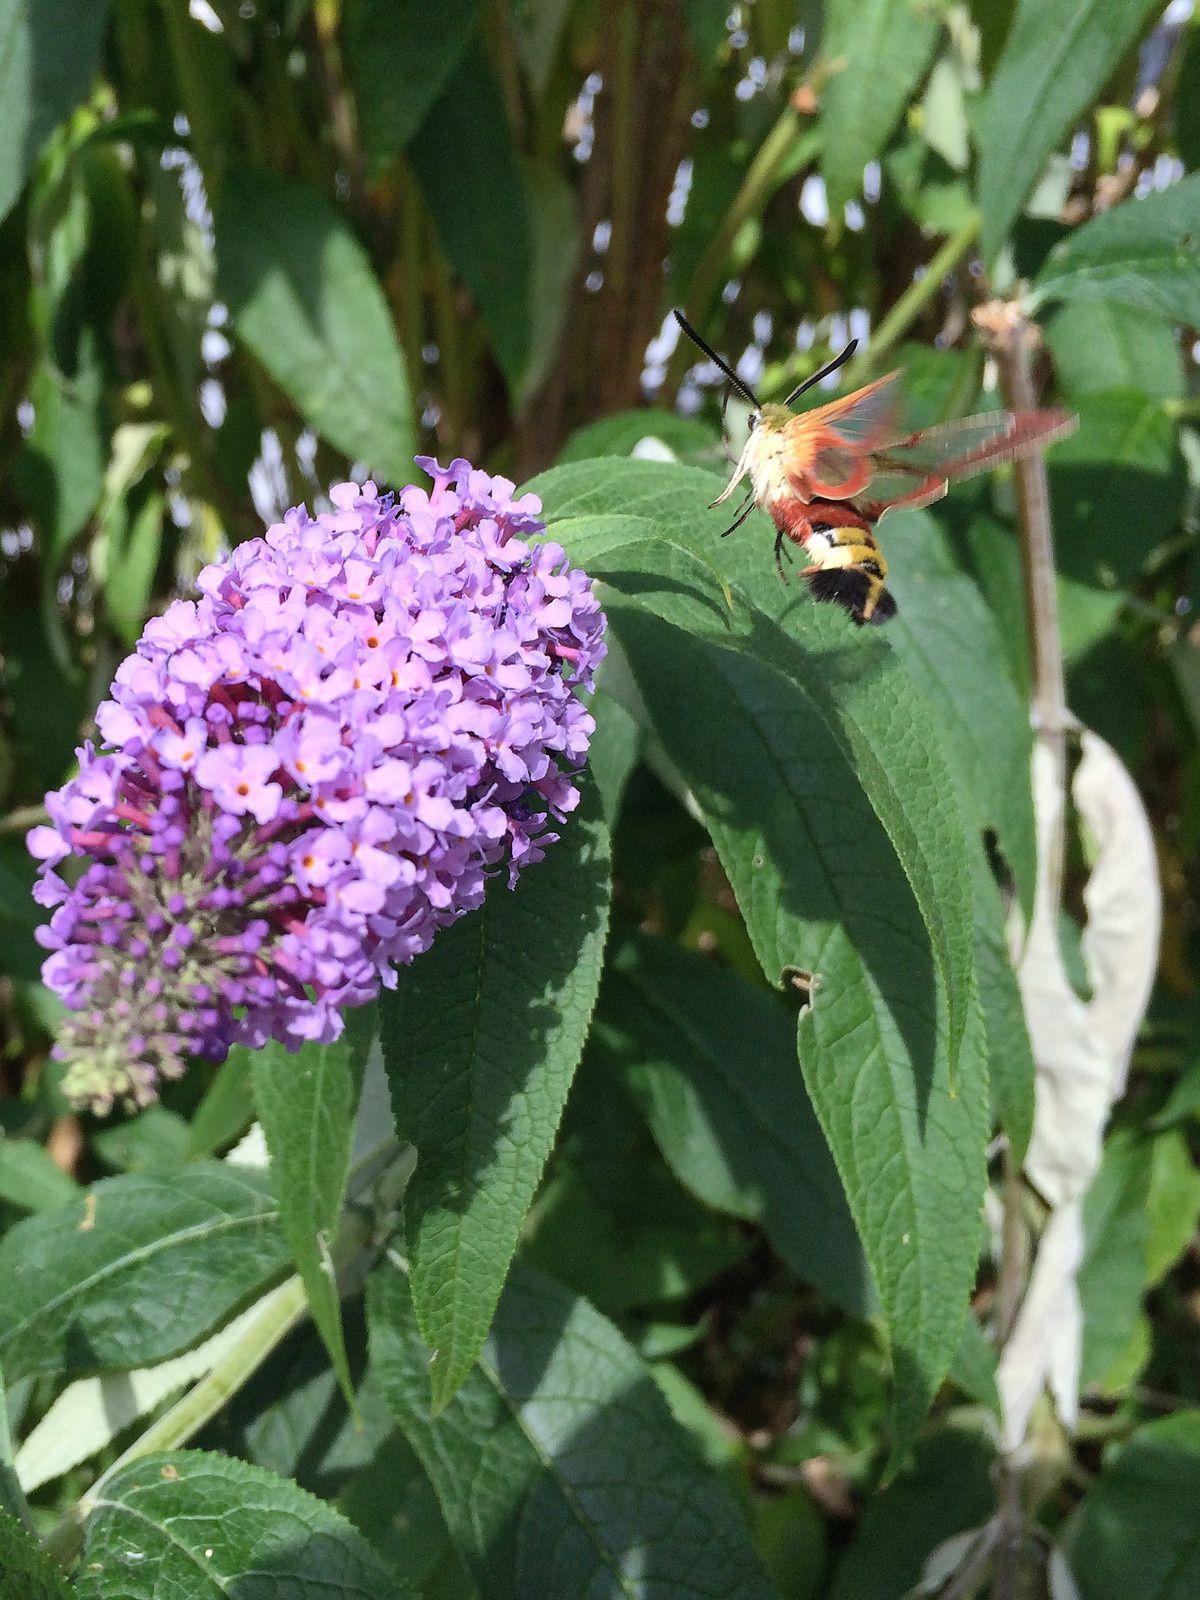 192 - L'arbre pour les papillons : 12/07/2015